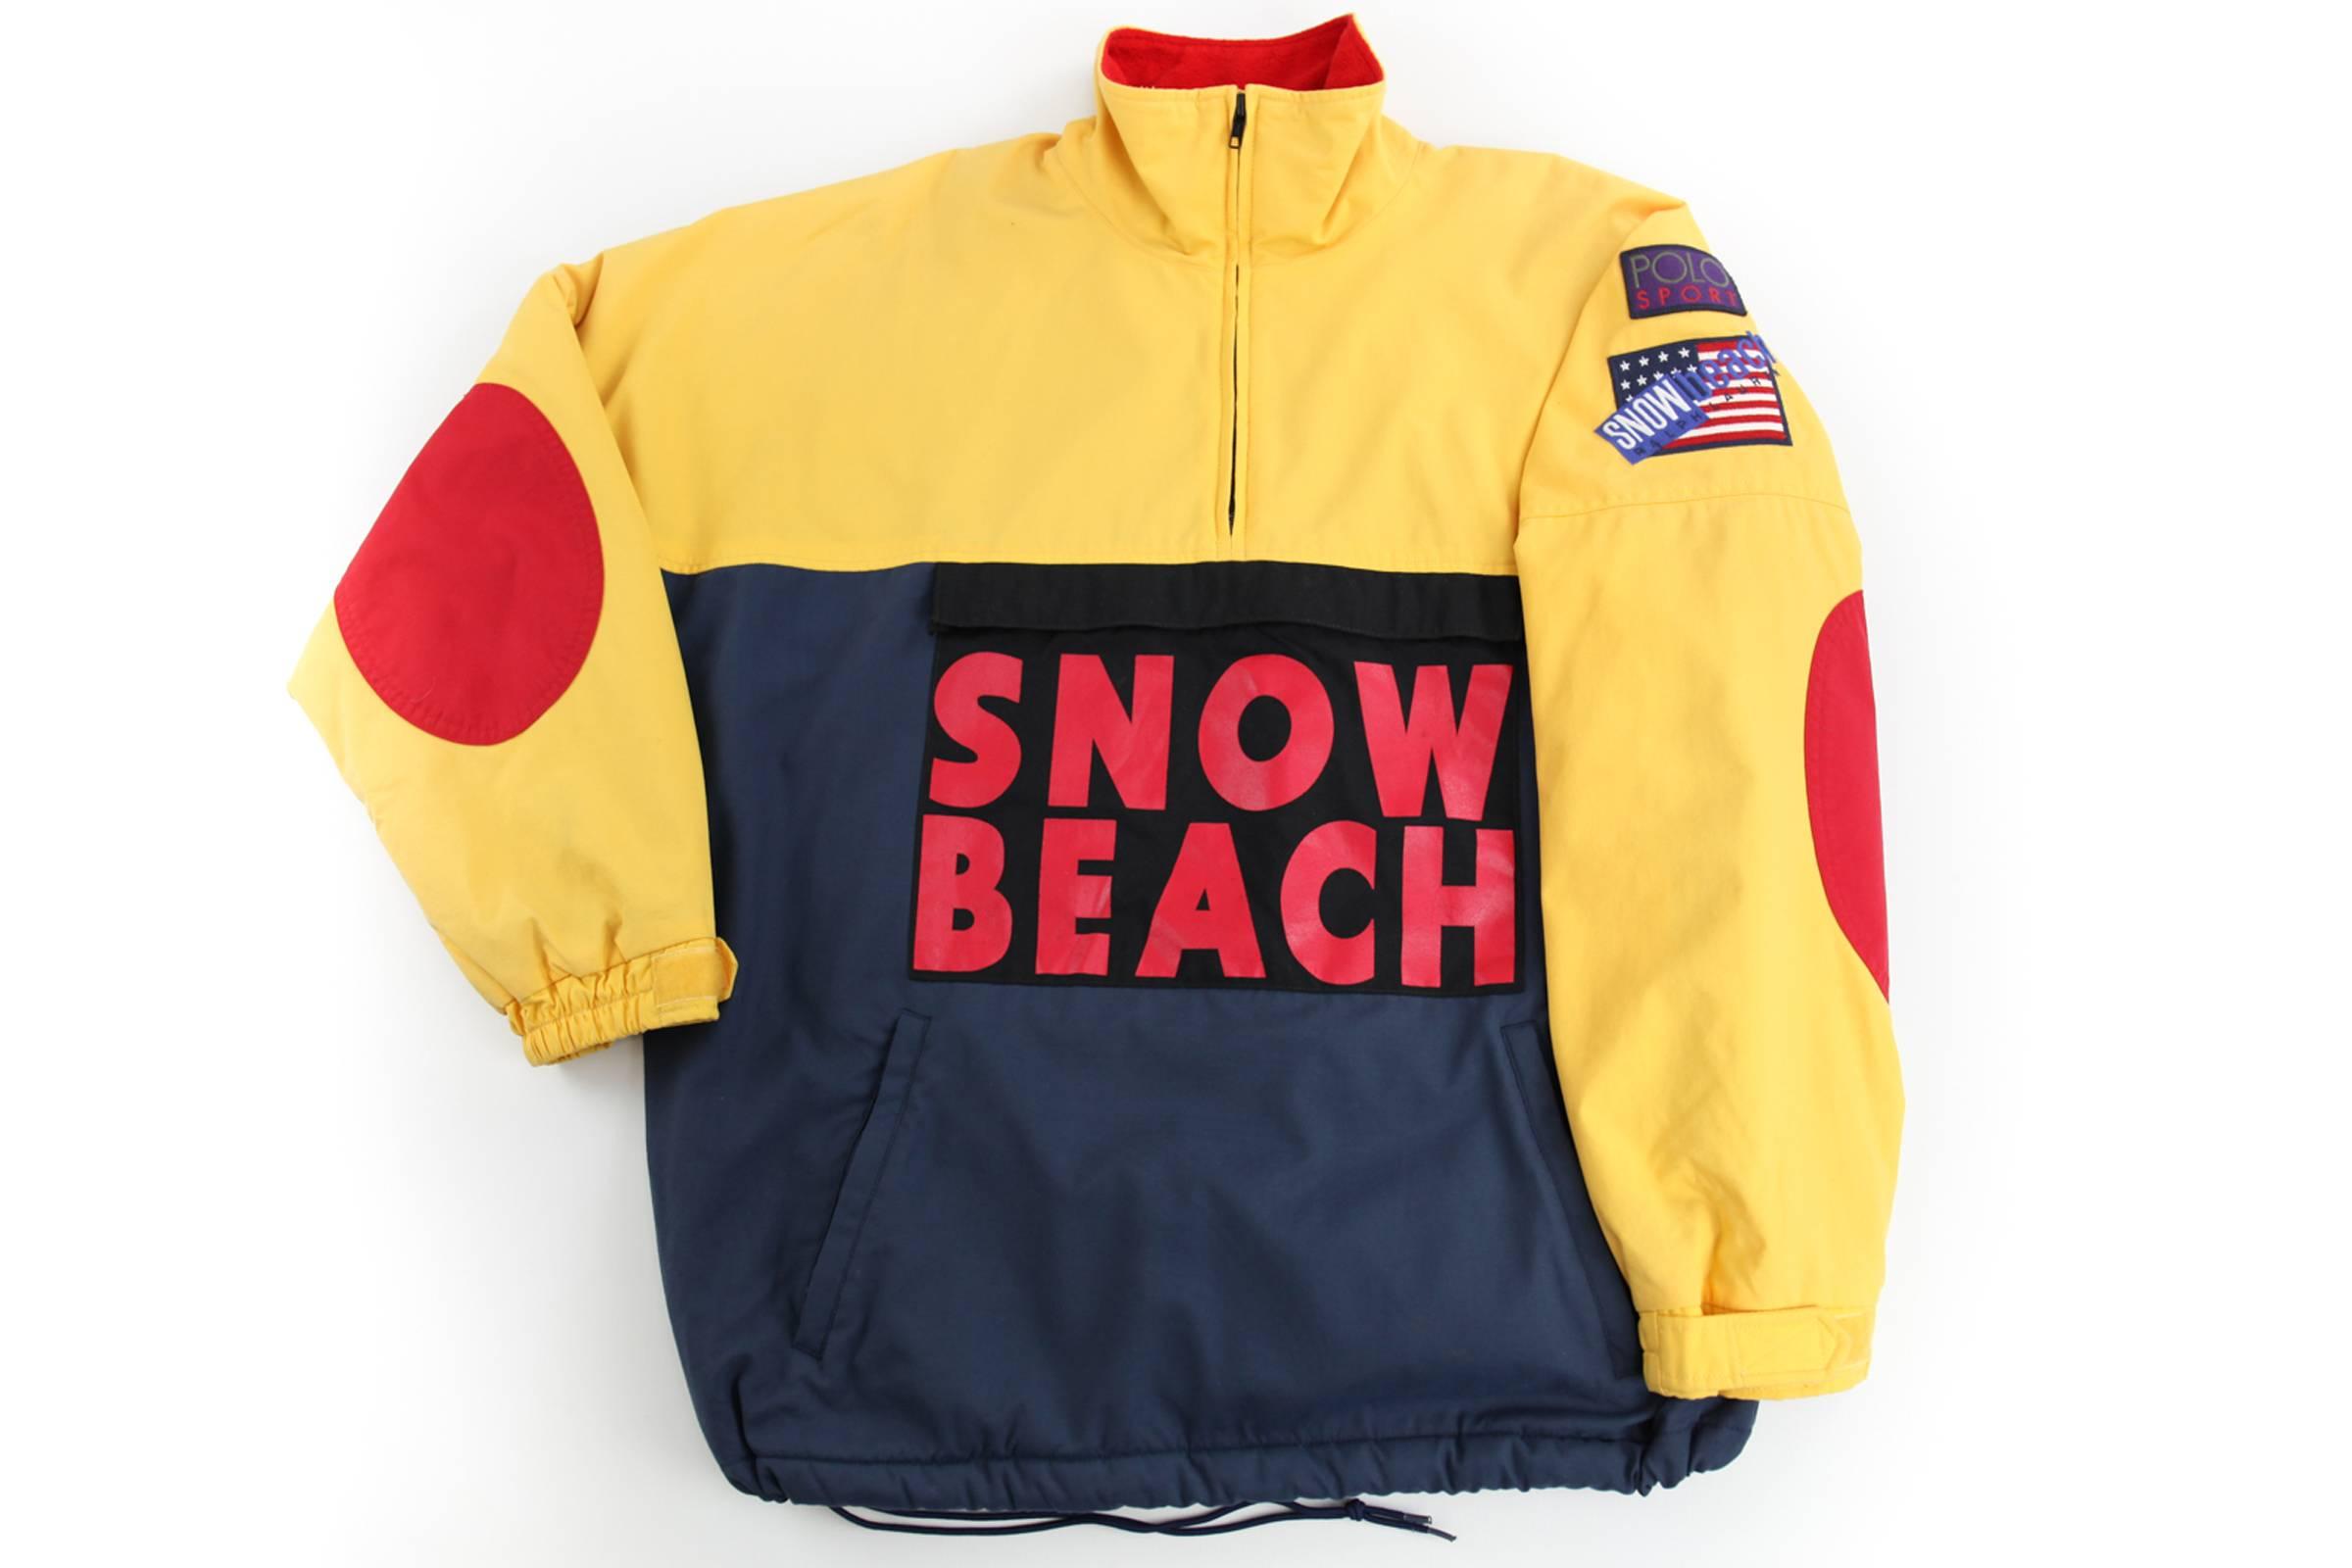 Snow Beach Parka